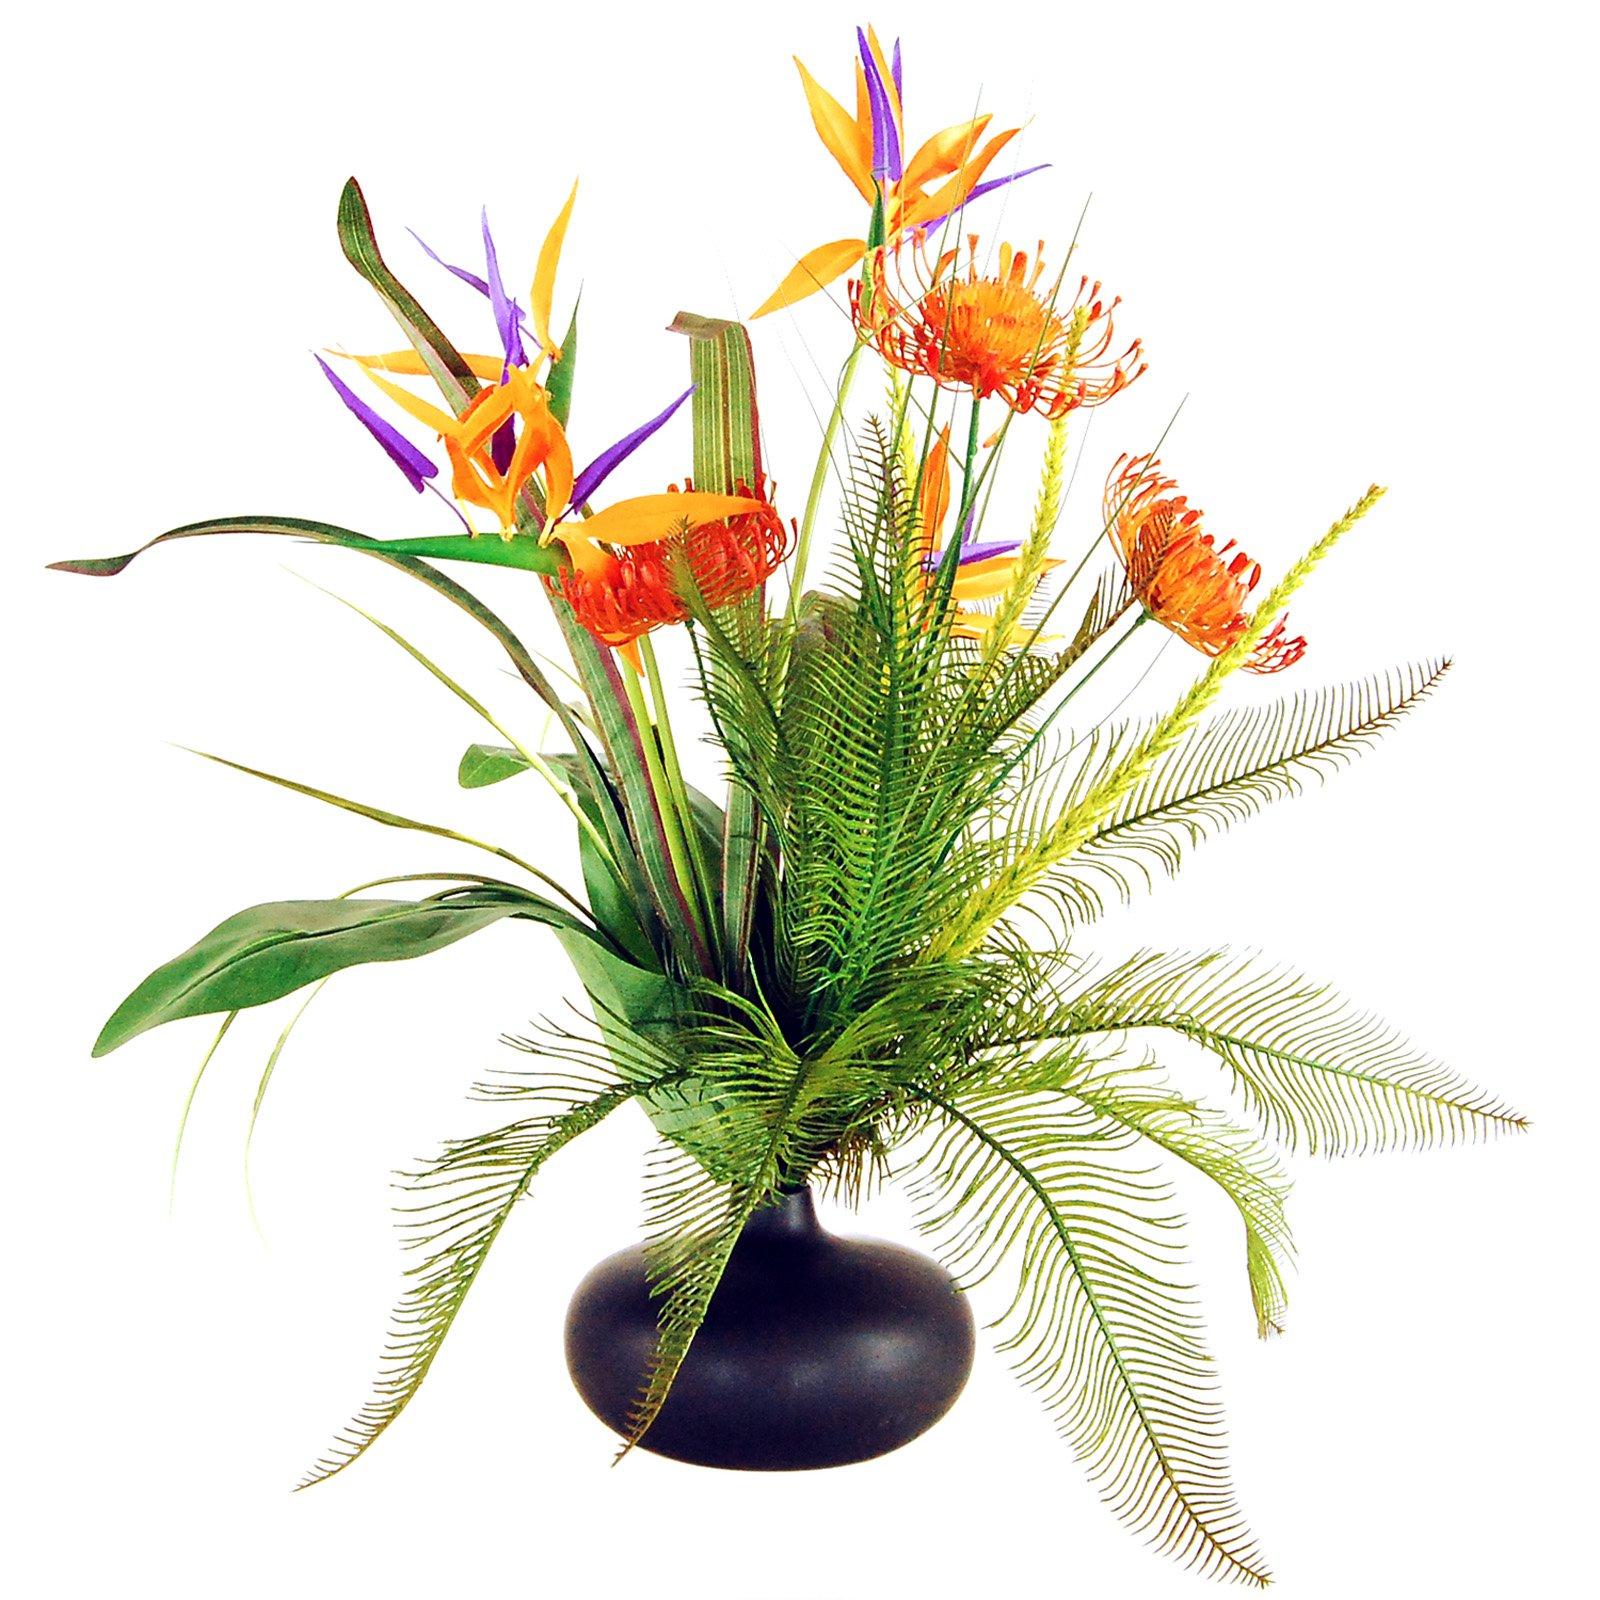 LCG Florals Tropical Garden Silk Flowers with Ceramic Vase - Orange/Purple